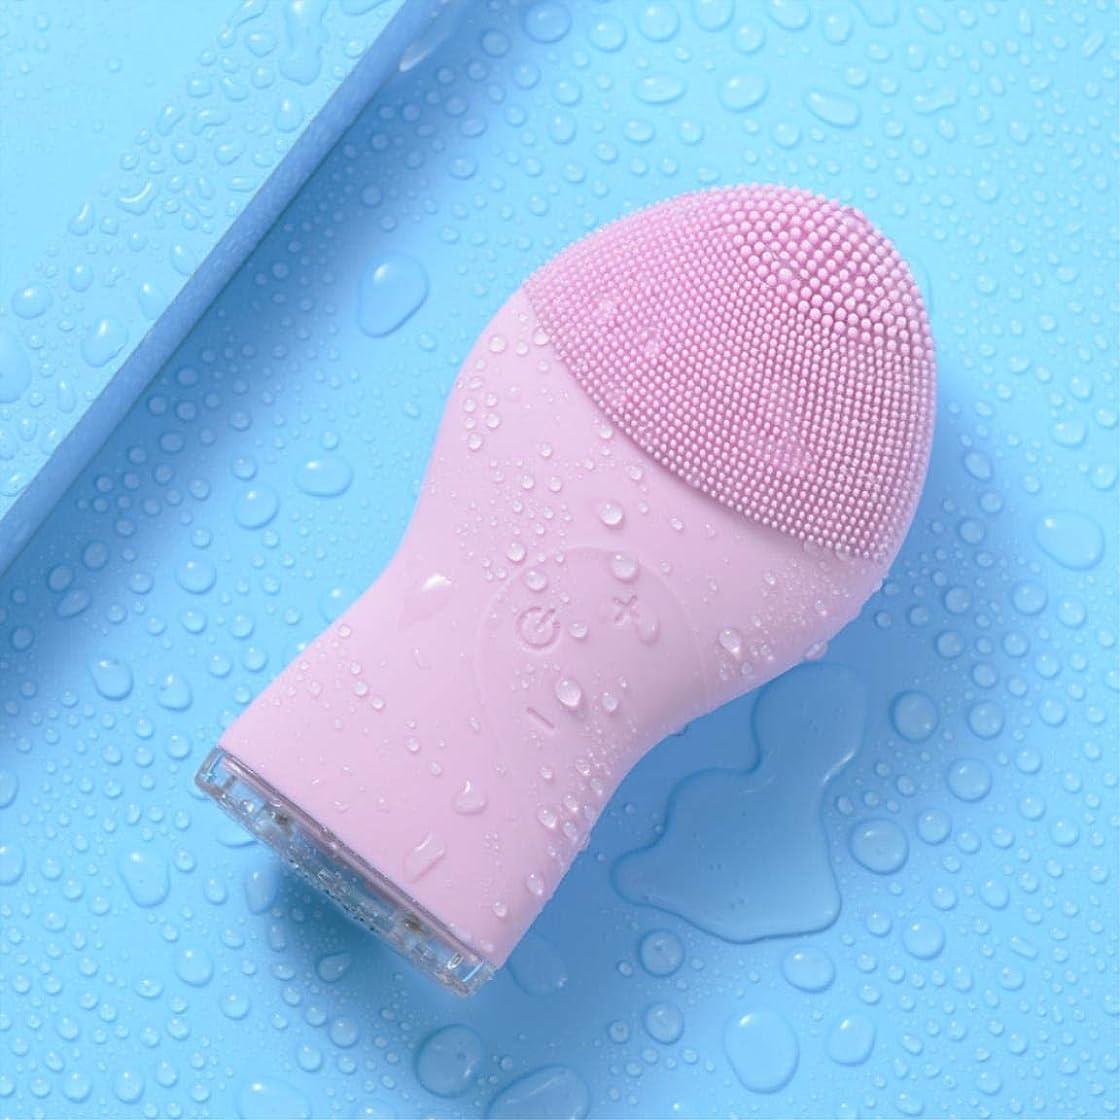 将来のカウンタ米ドル美しさの浄化装置電気シリコーンフェイスウォッシュ毛穴クリーンホーム充電式洗浄アーティファクト,Pink